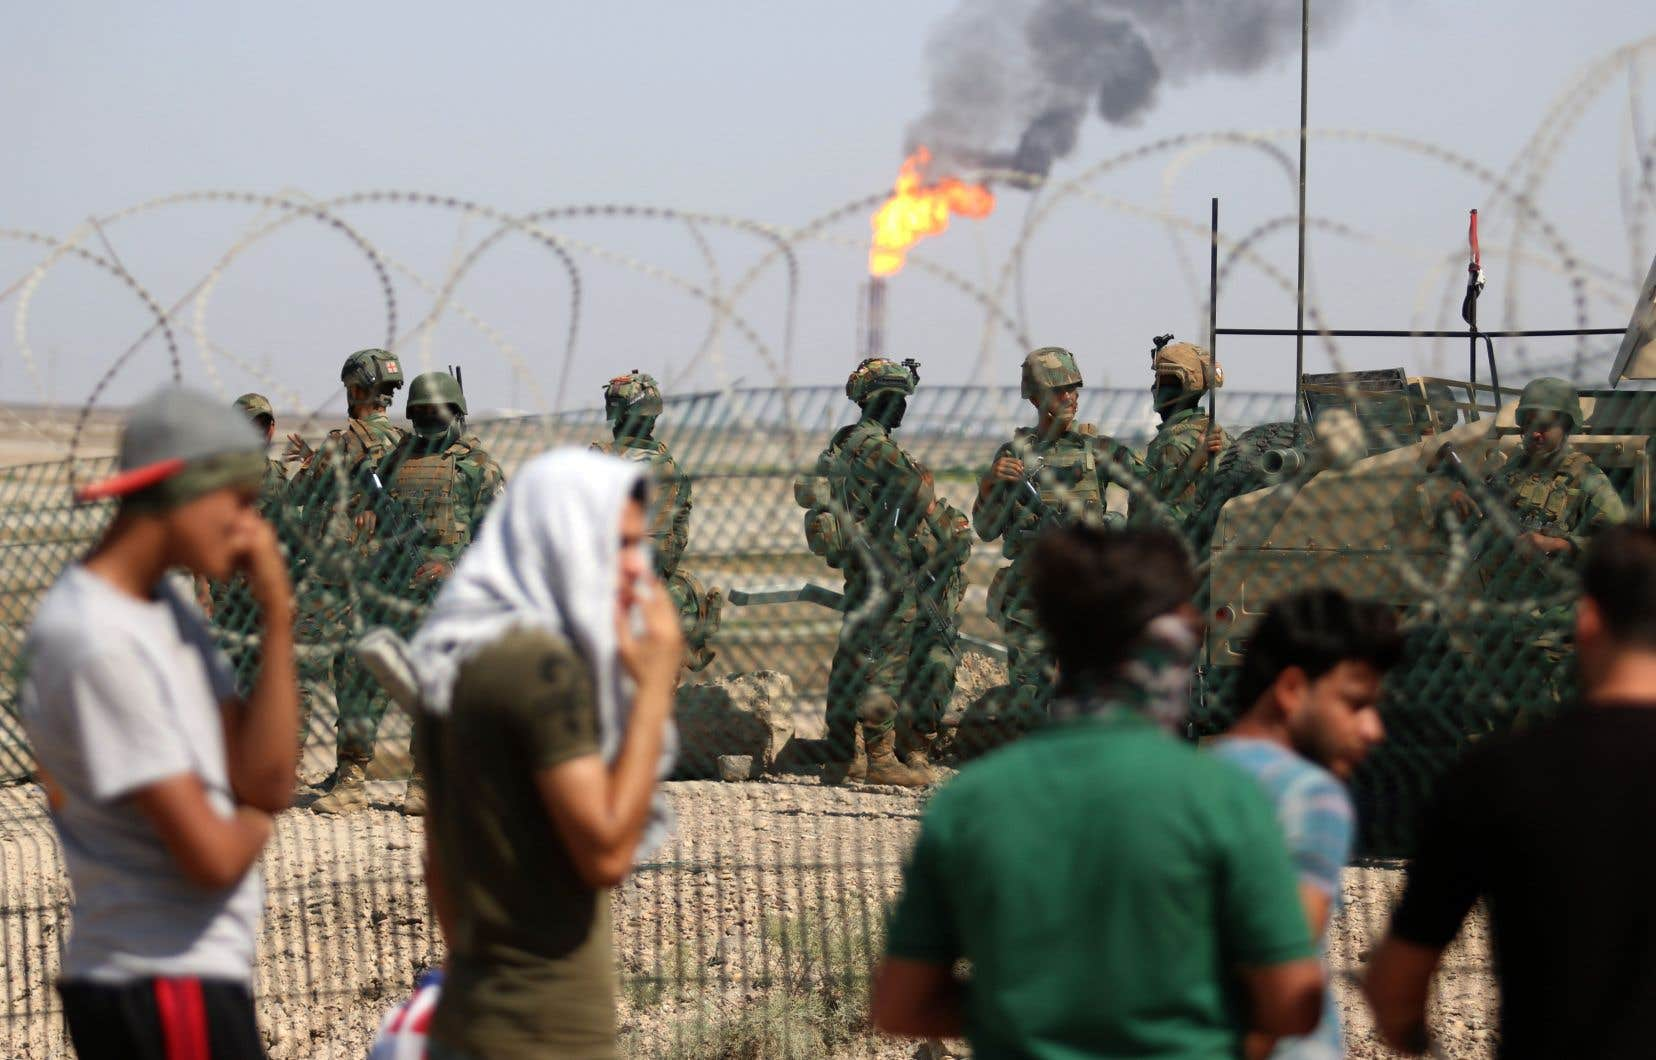 Samedi, des dizaines de protestataires se sont ainsi rassemblées dans plusieurs quartiers de Bassora, y compris près de champs pétroliers à l'ouest de la ville.